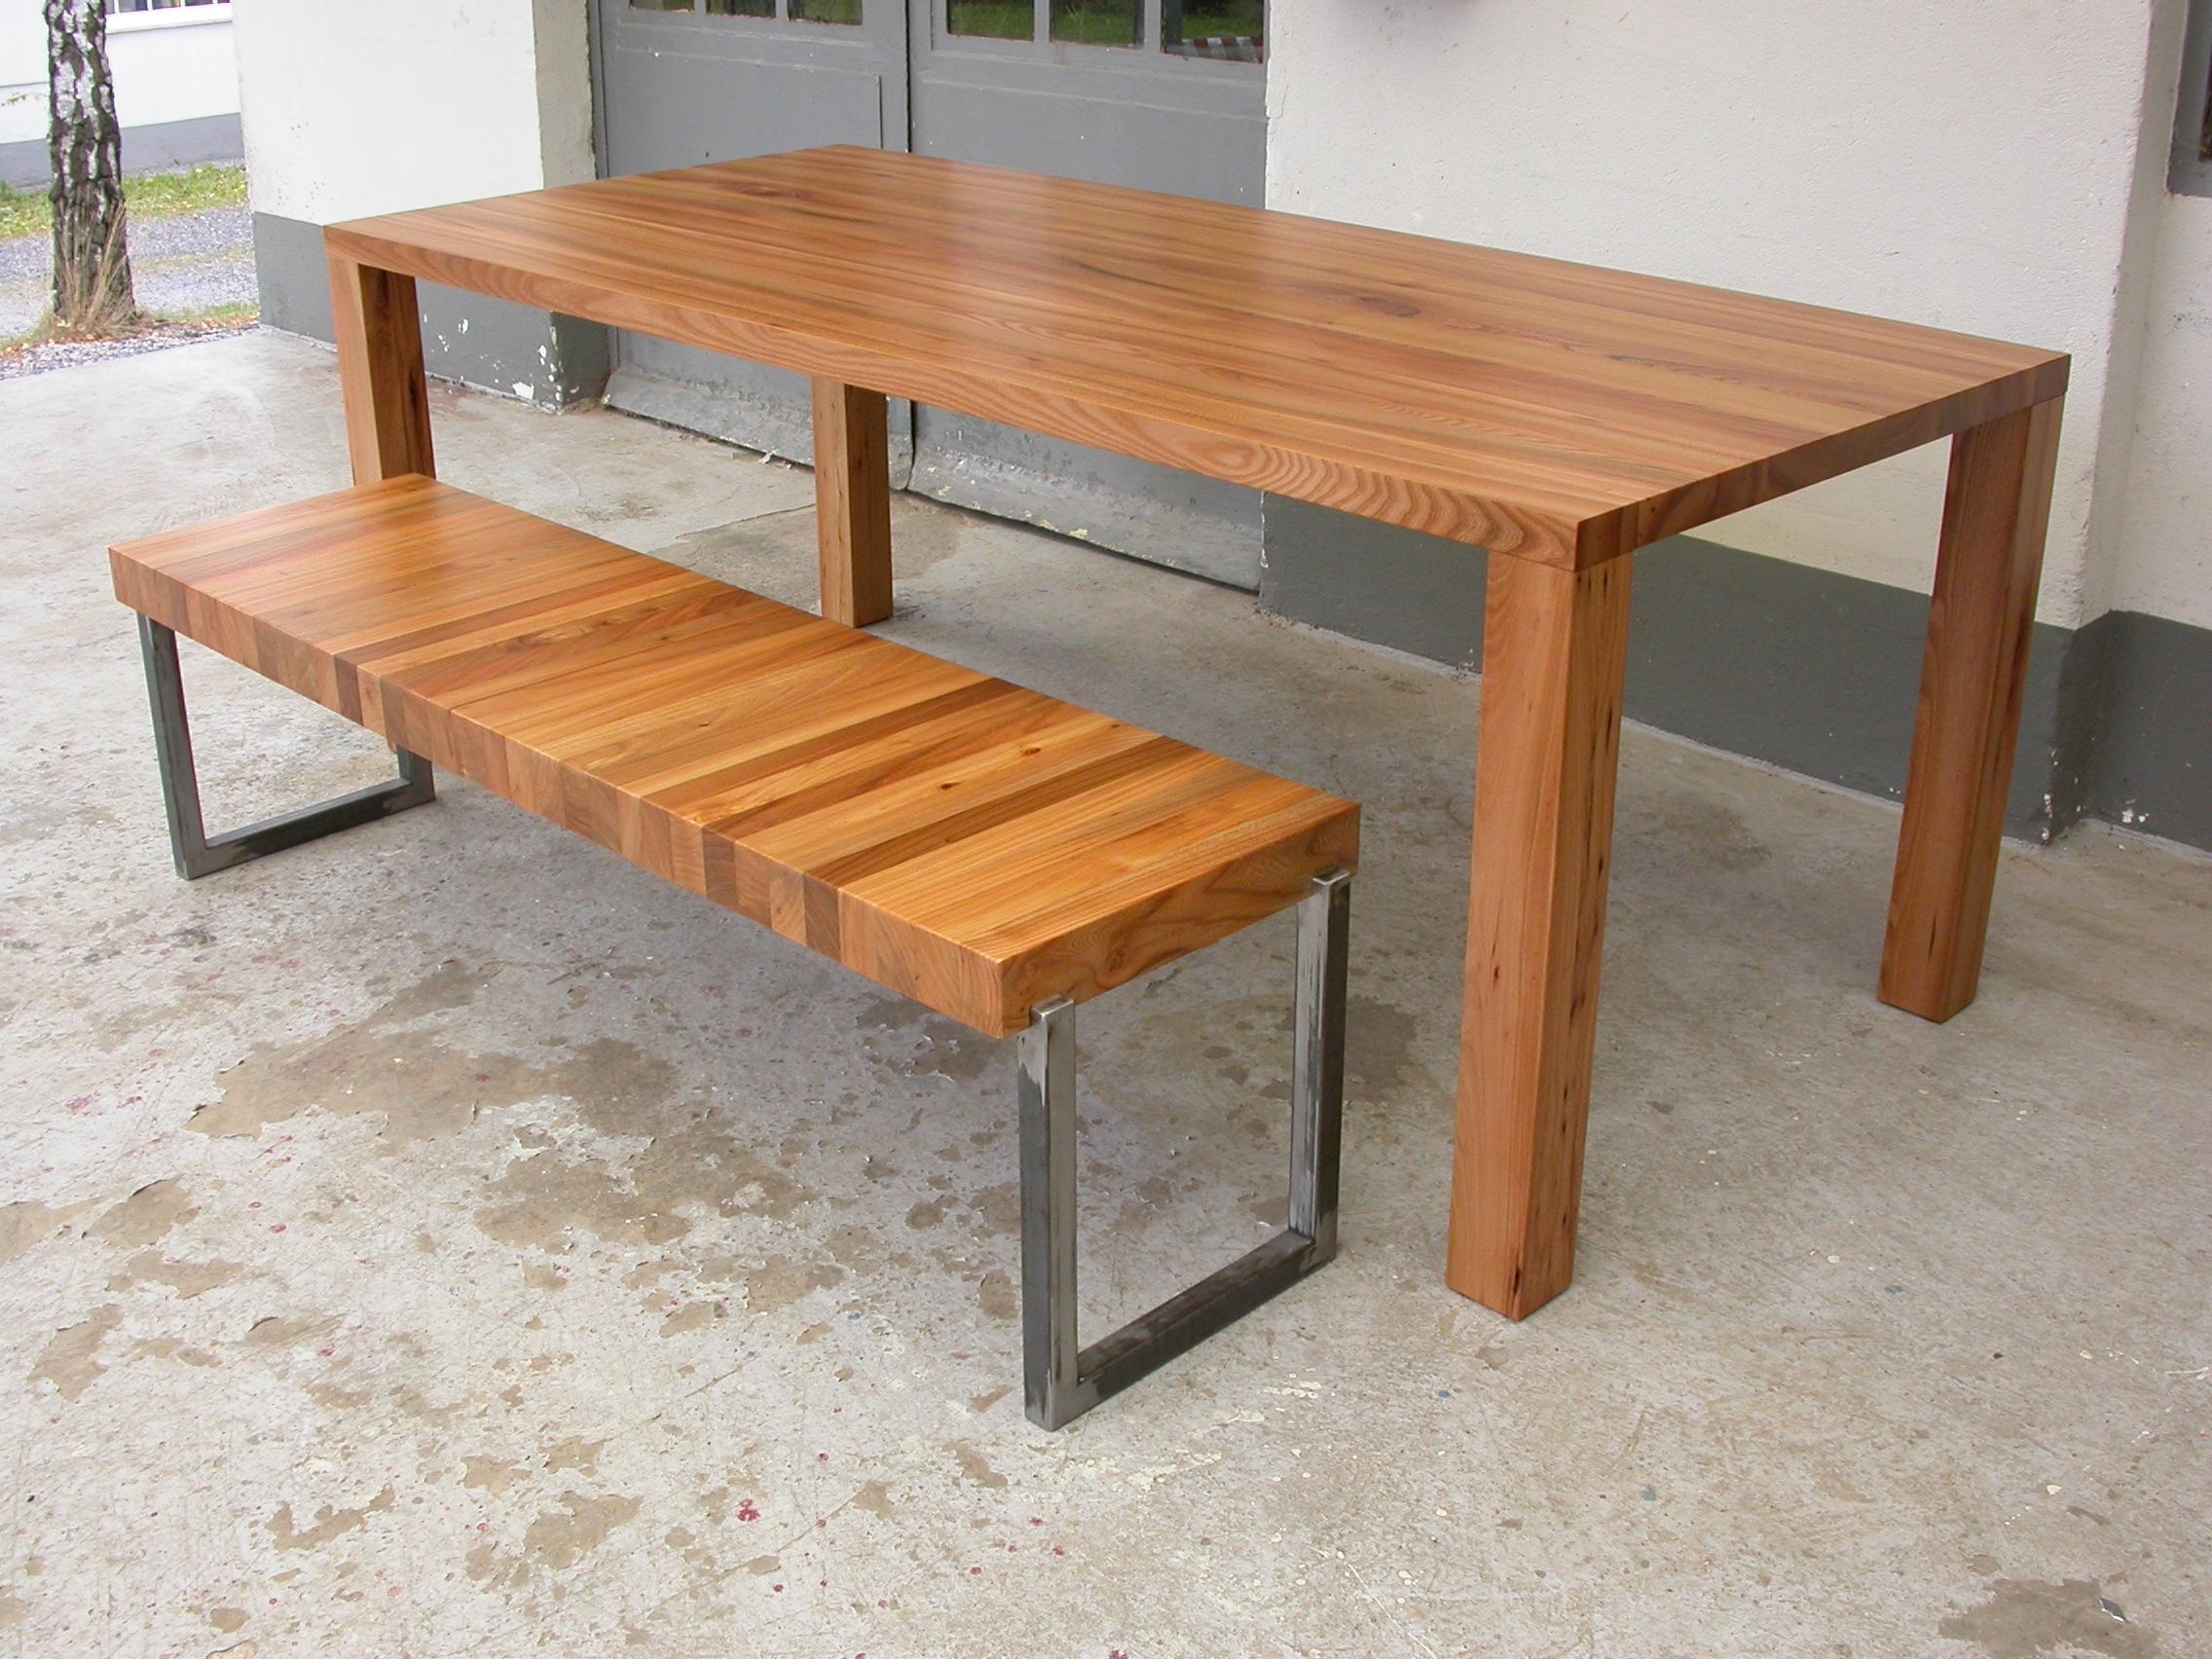 Bank Longulimi aus Rüster und Stahl, Preis auf Anfrage, Tisch Modo Rüster.